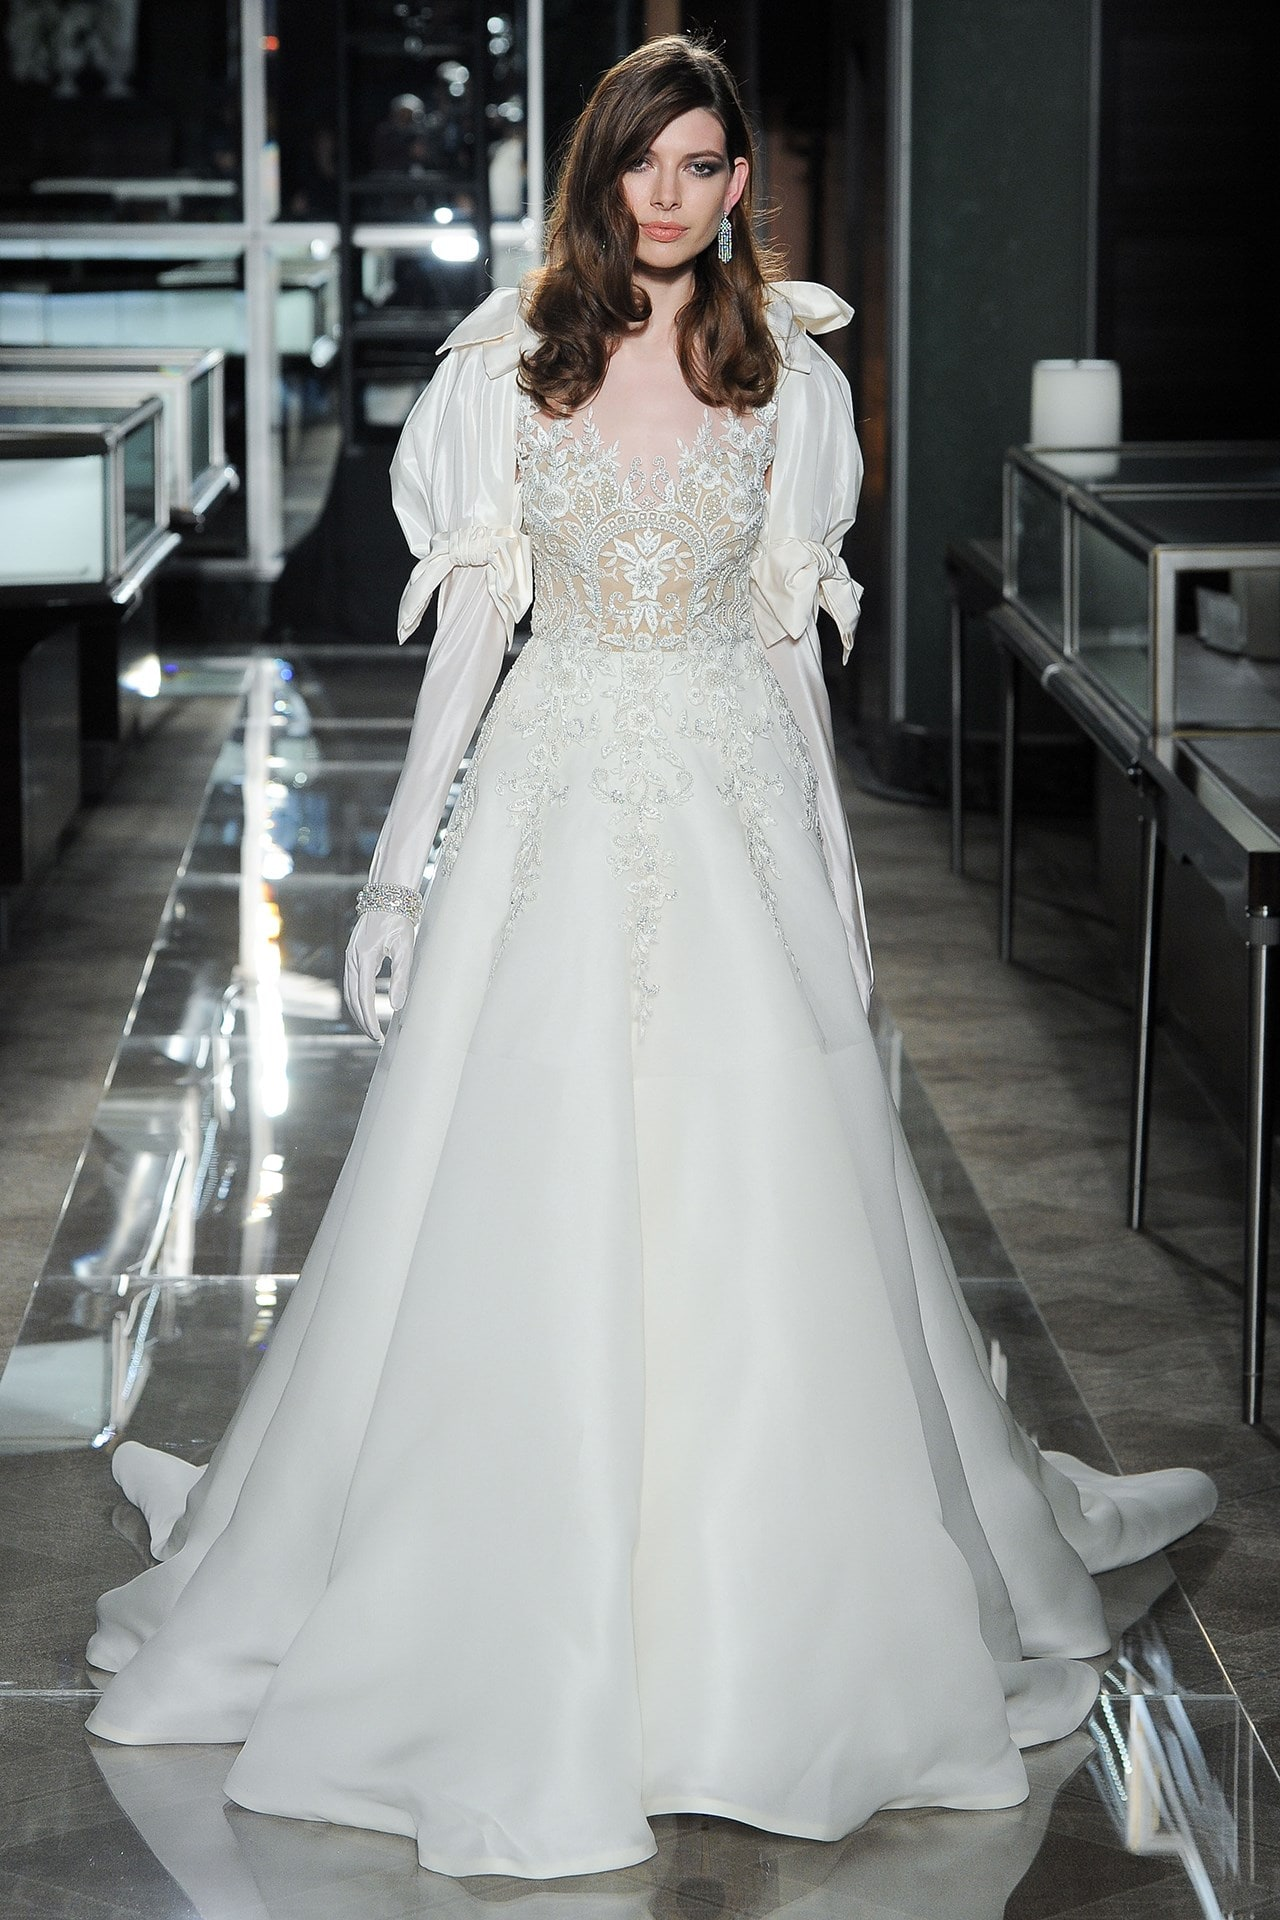 b_ree_lb_ss18_020-brides-19apr17-pr_b-min